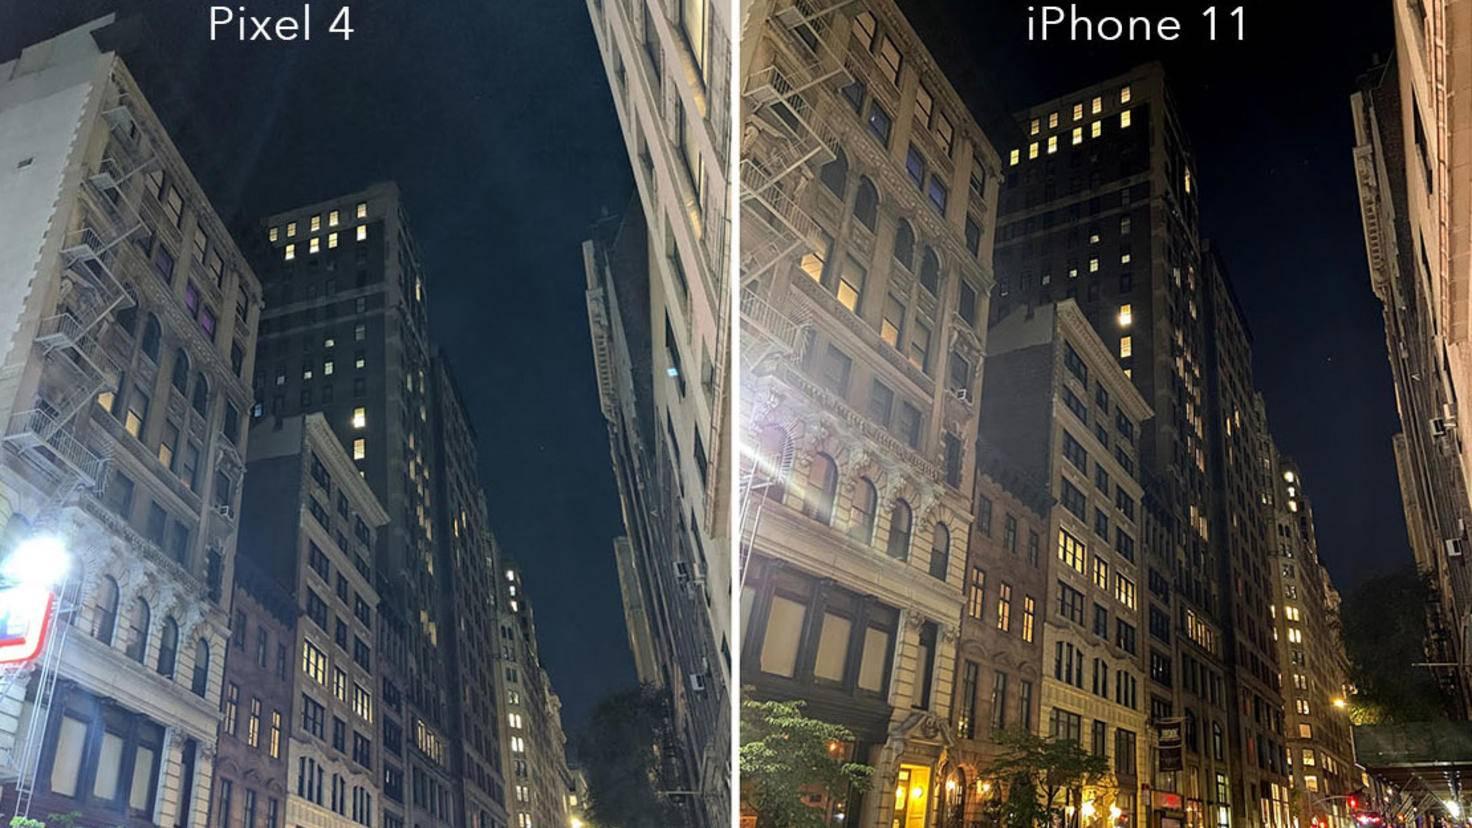 pixel-4-iphone-11-nachtmodu